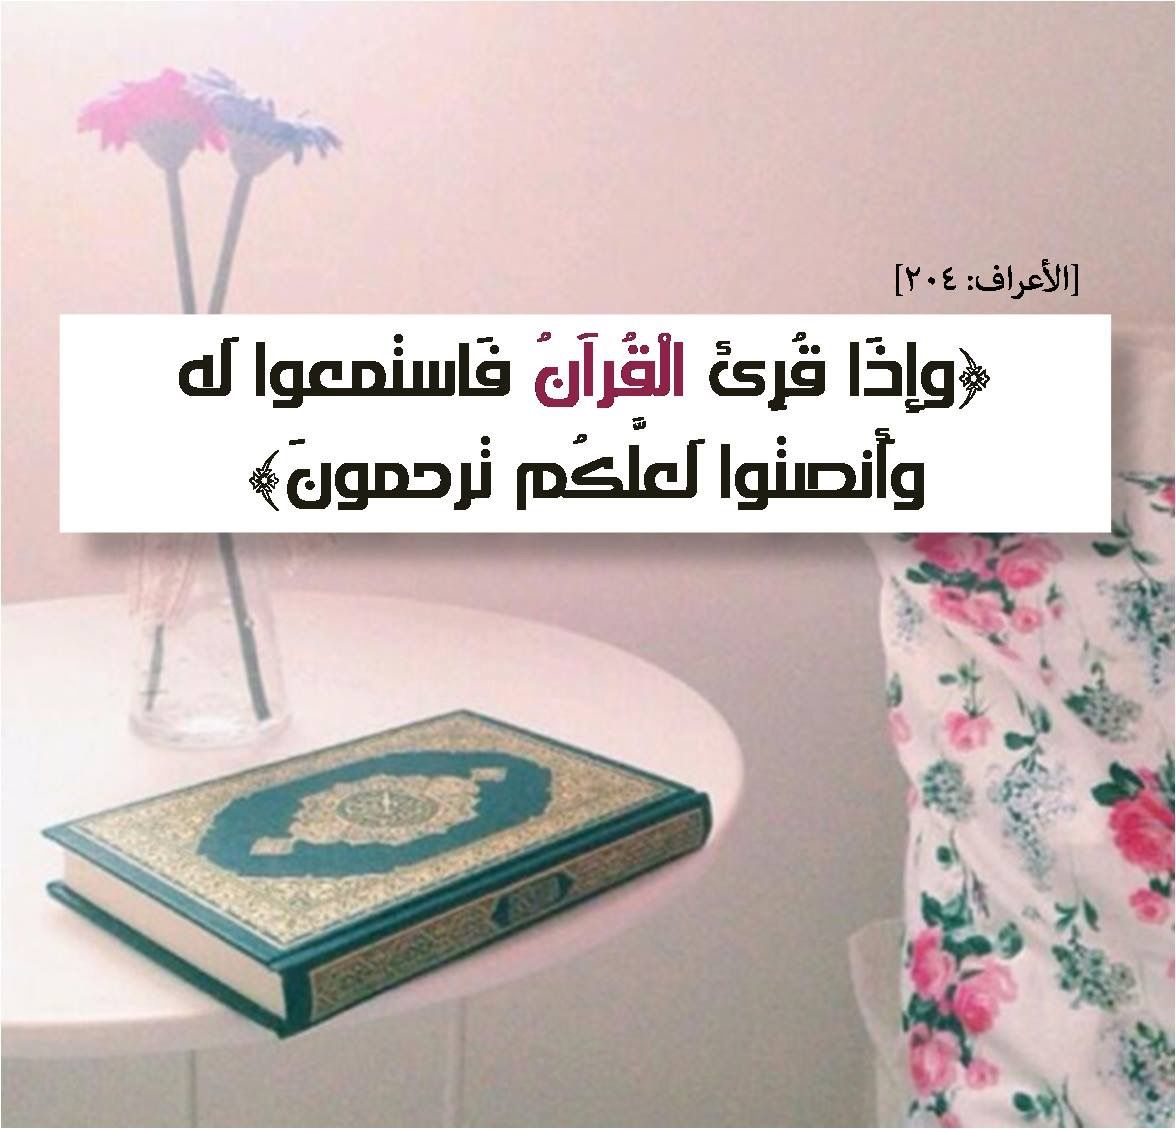 ٢٠٤ الأعراف Decor Home Decor Quran